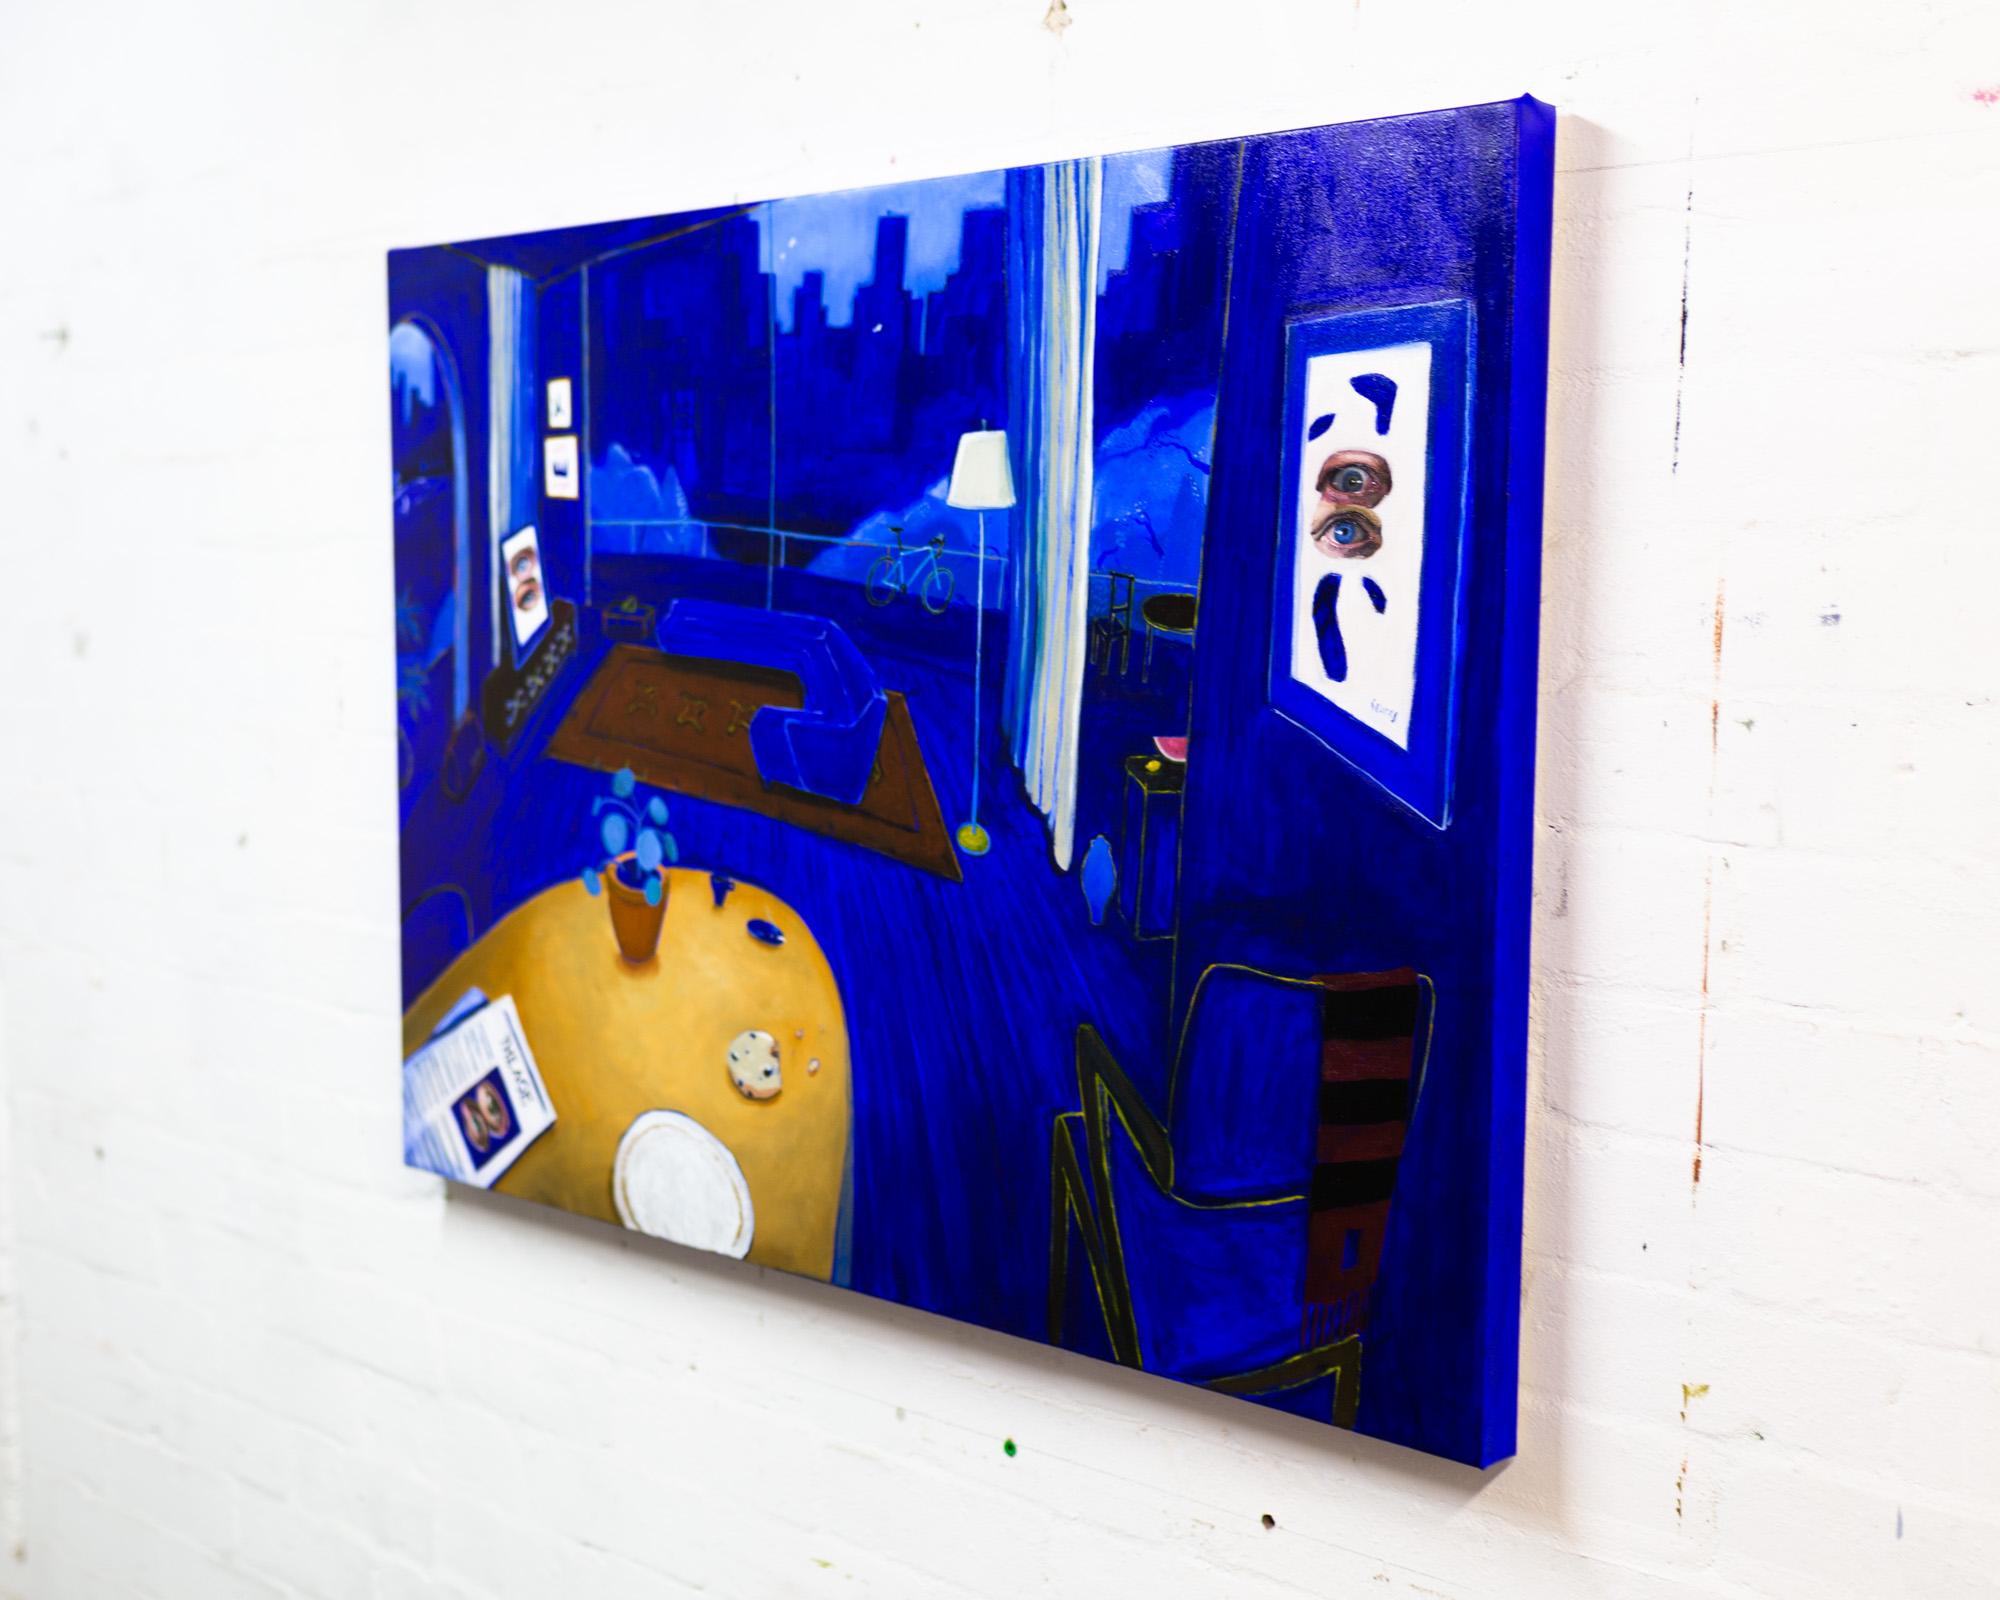 East Melbourne Blue